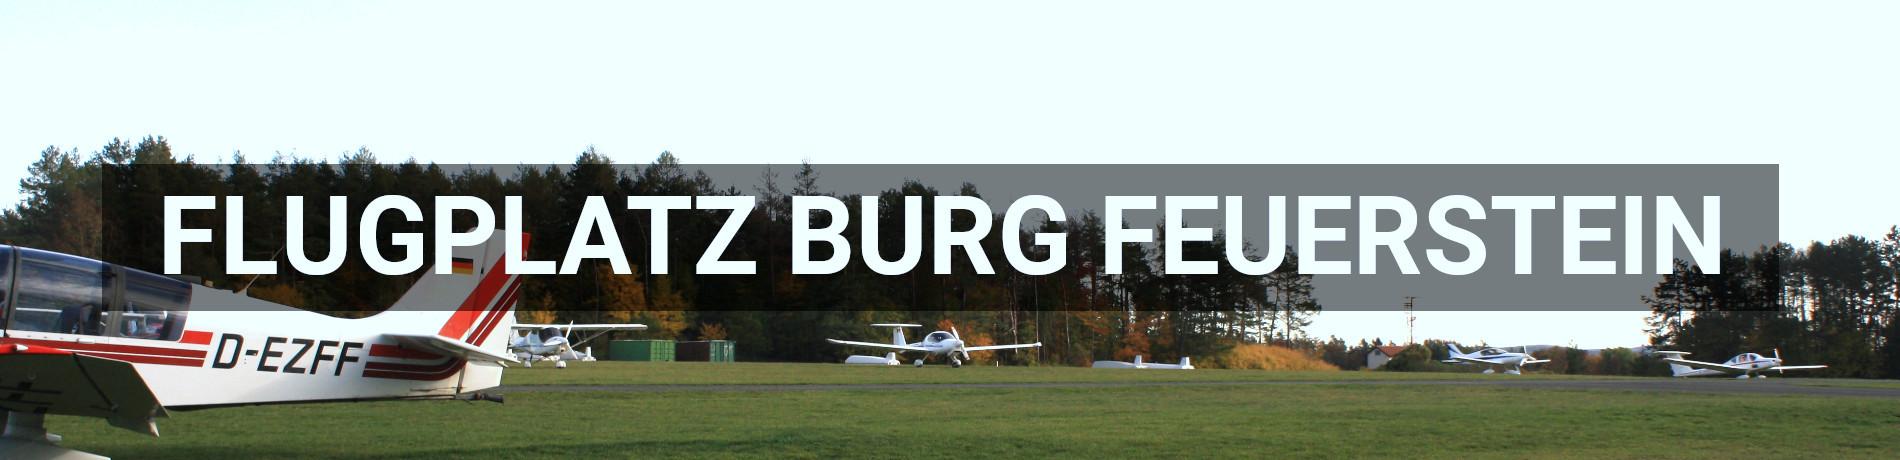 Header-Flugplatz-Feuerstein-1